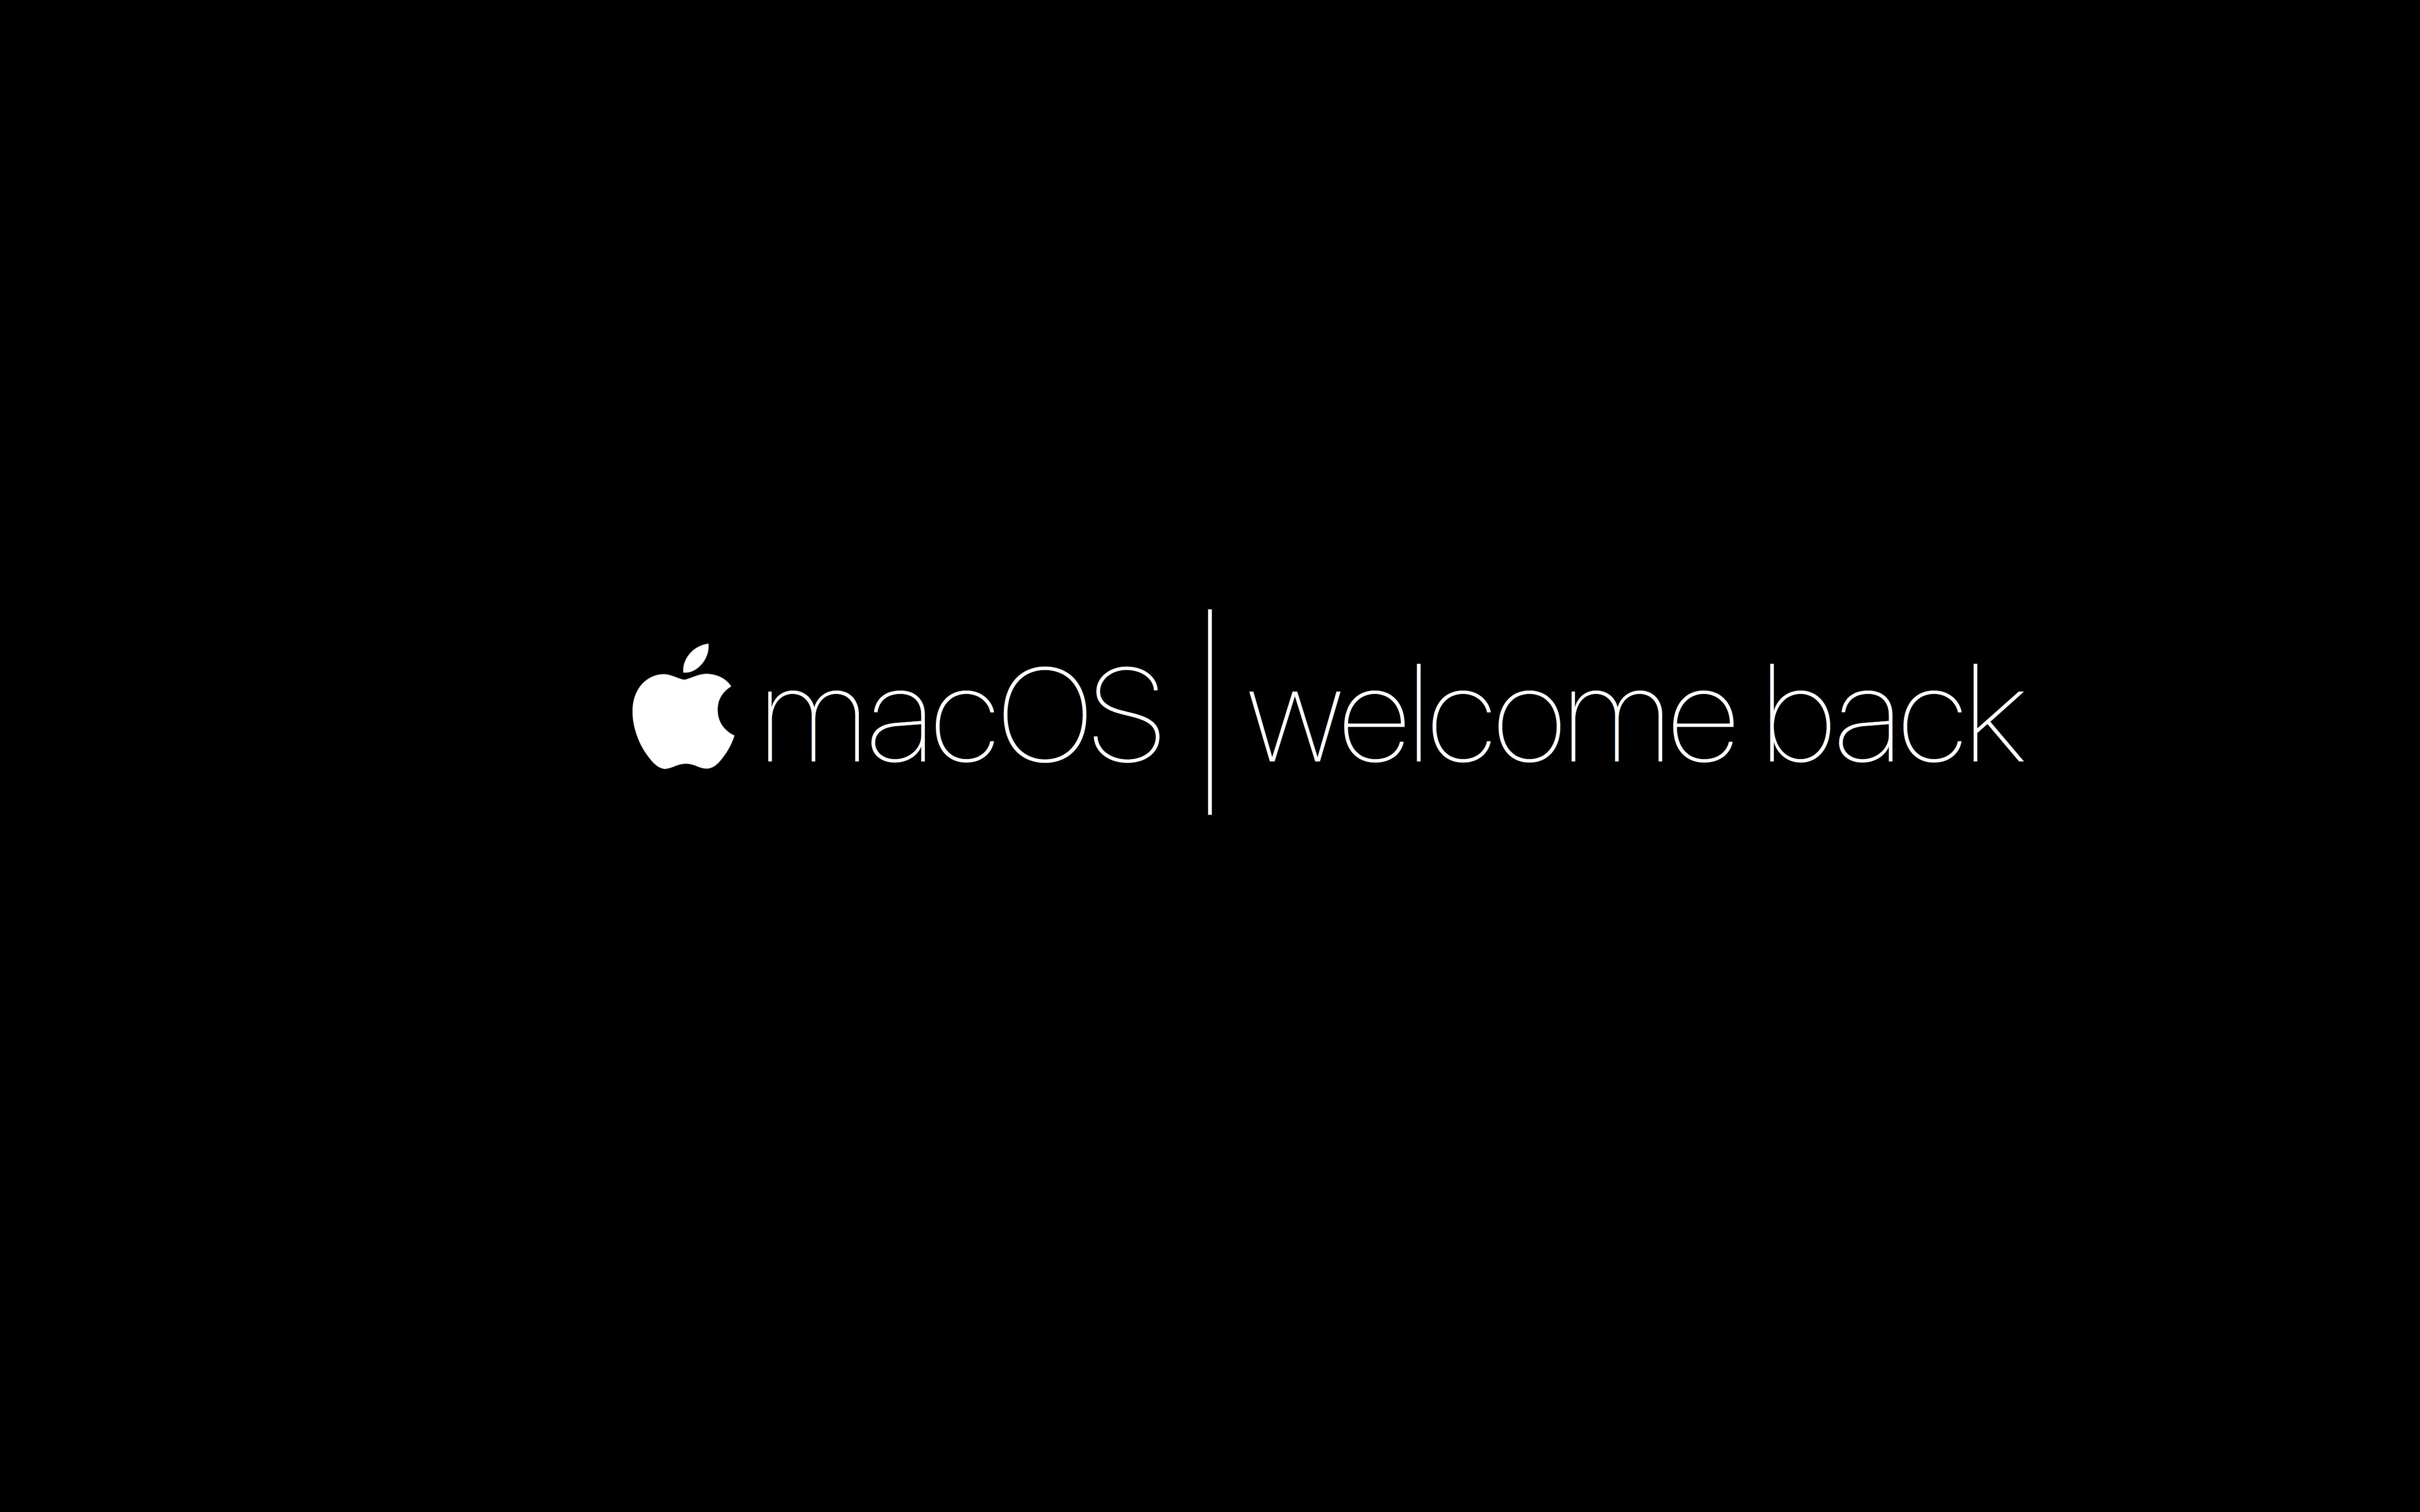 macOS | Welcome back - b.jpg